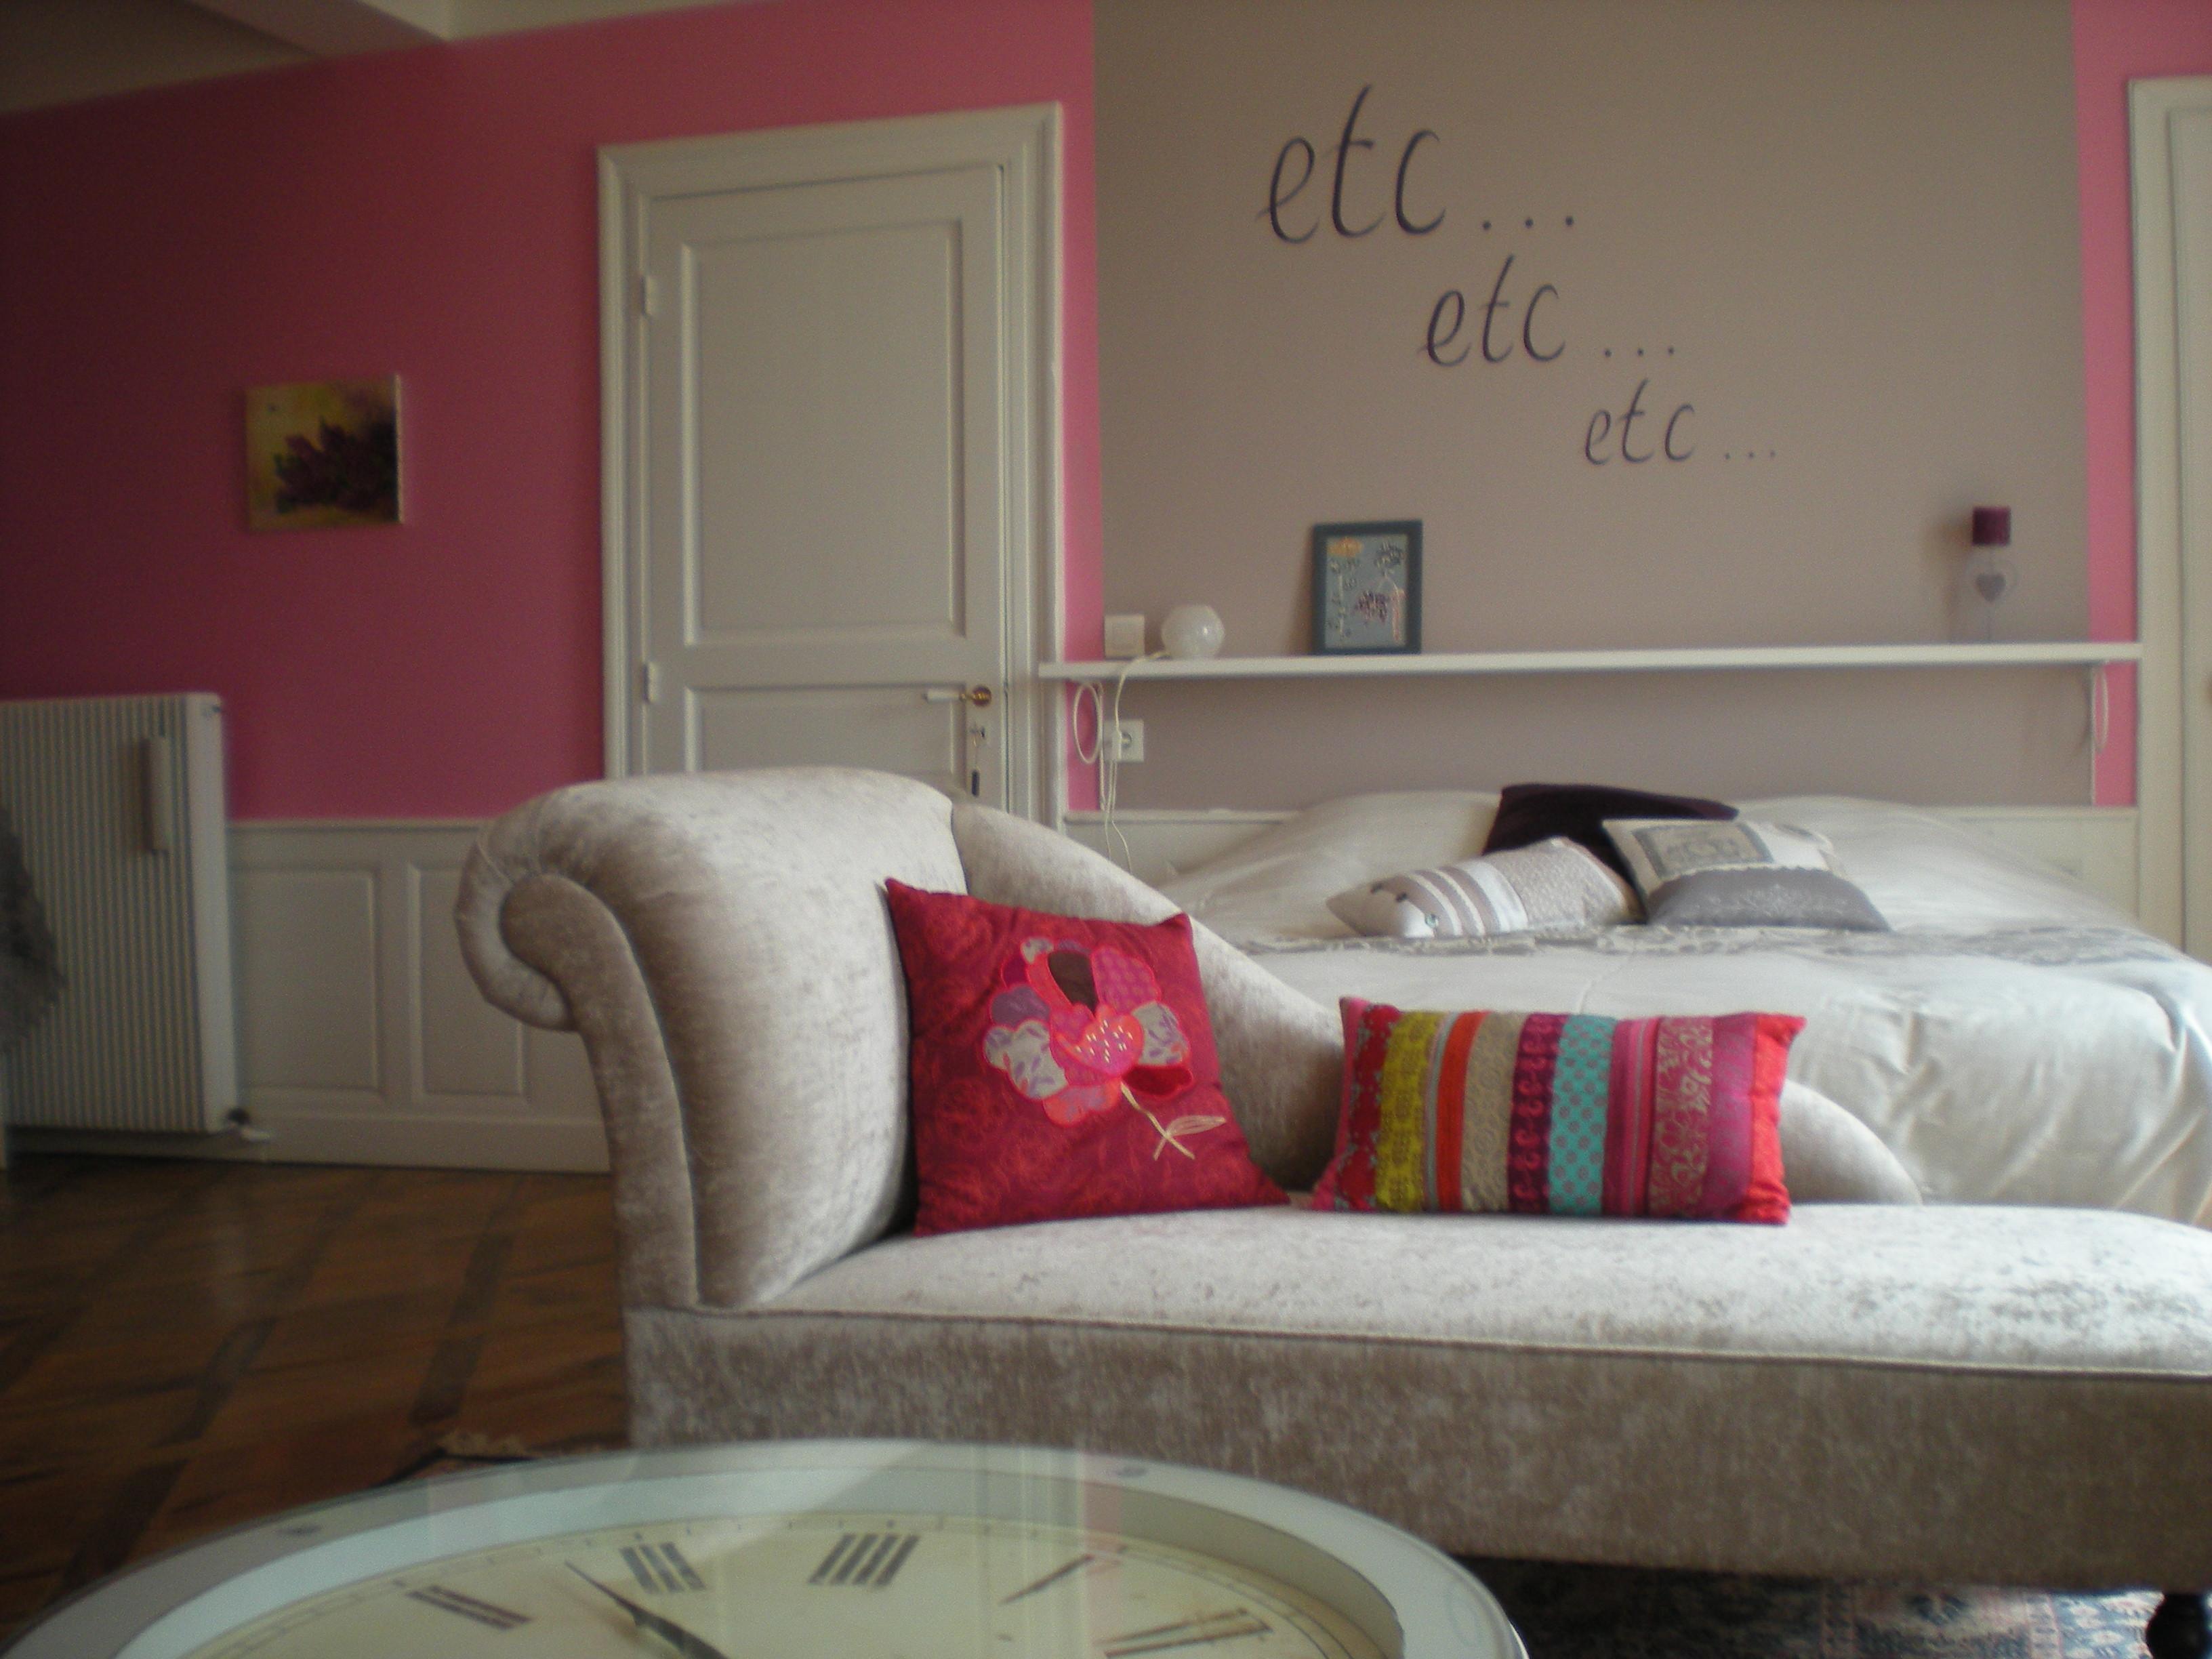 La lit 39 h te chambre d 39 h tes chambre etc lit 39 hote mirefleurs - Chambre d hote lit et mixe ...